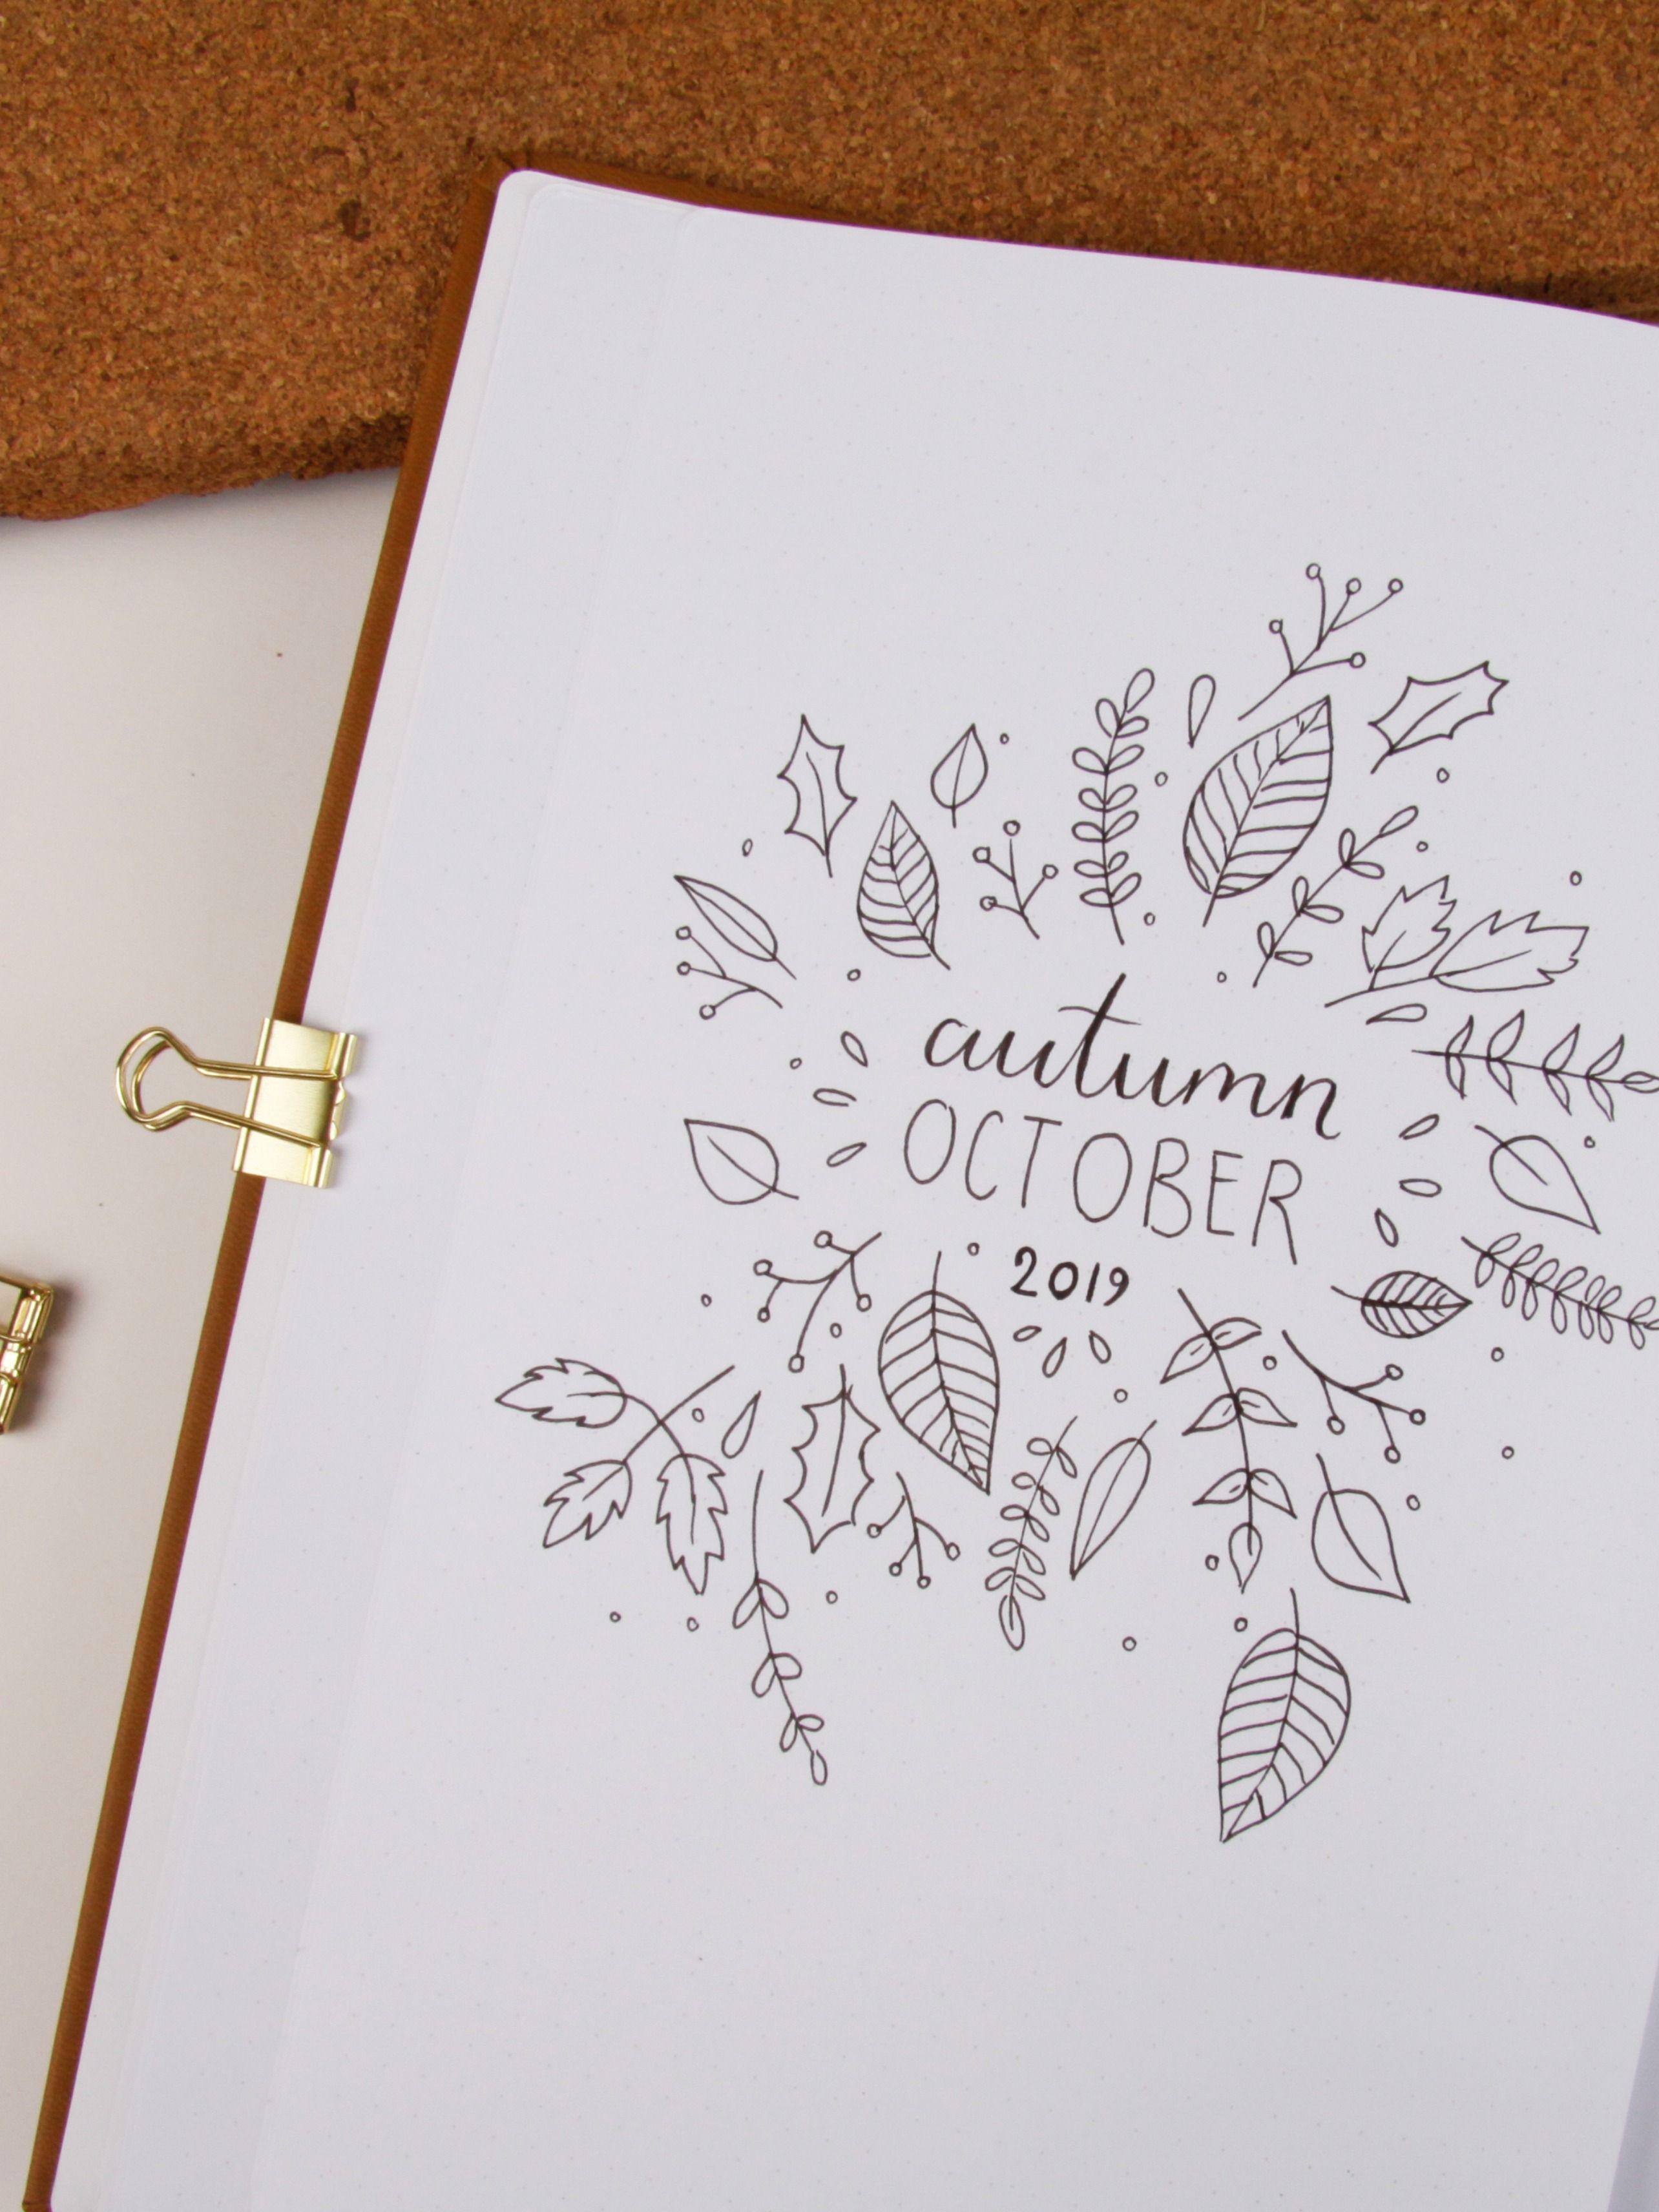 herbstliches Deckblatt für dein Bullet Journal - Inspiration